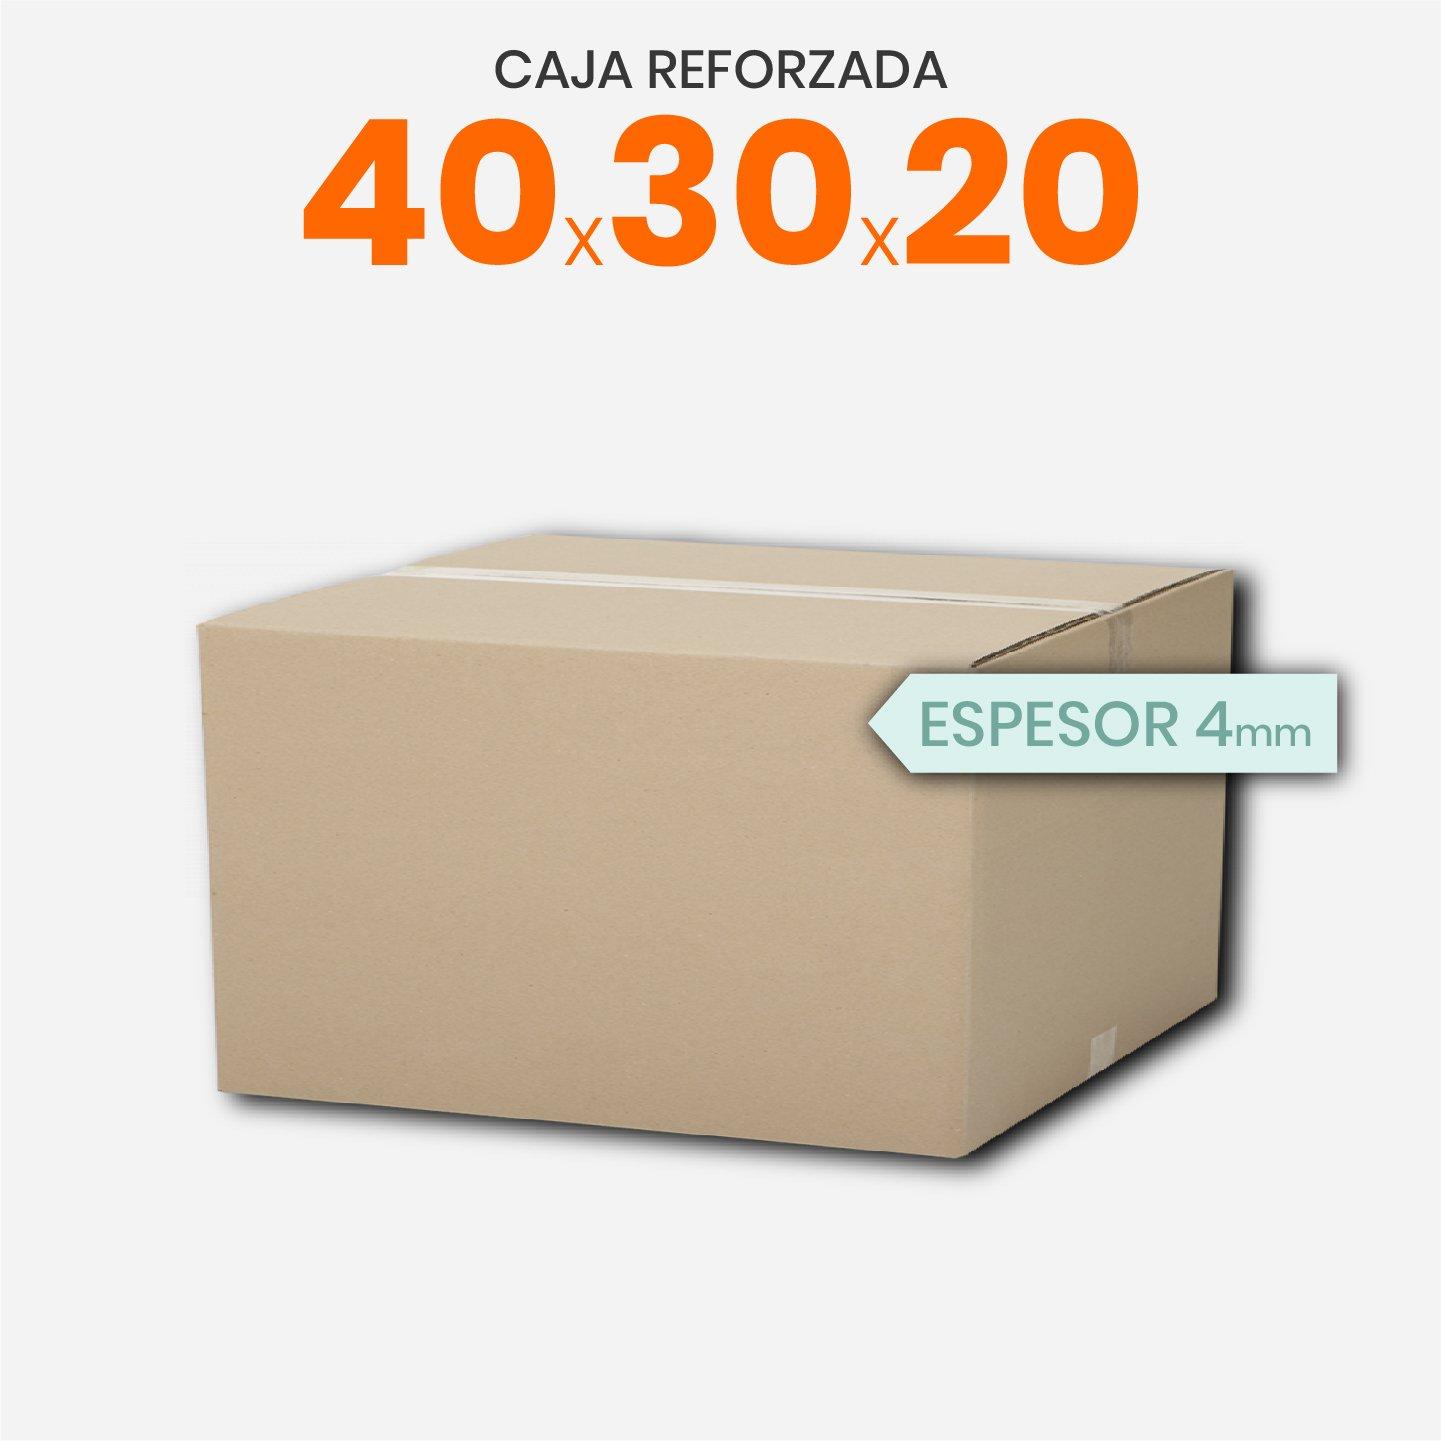 Caja De Cartón Corrugado Reforzada 40x30x20